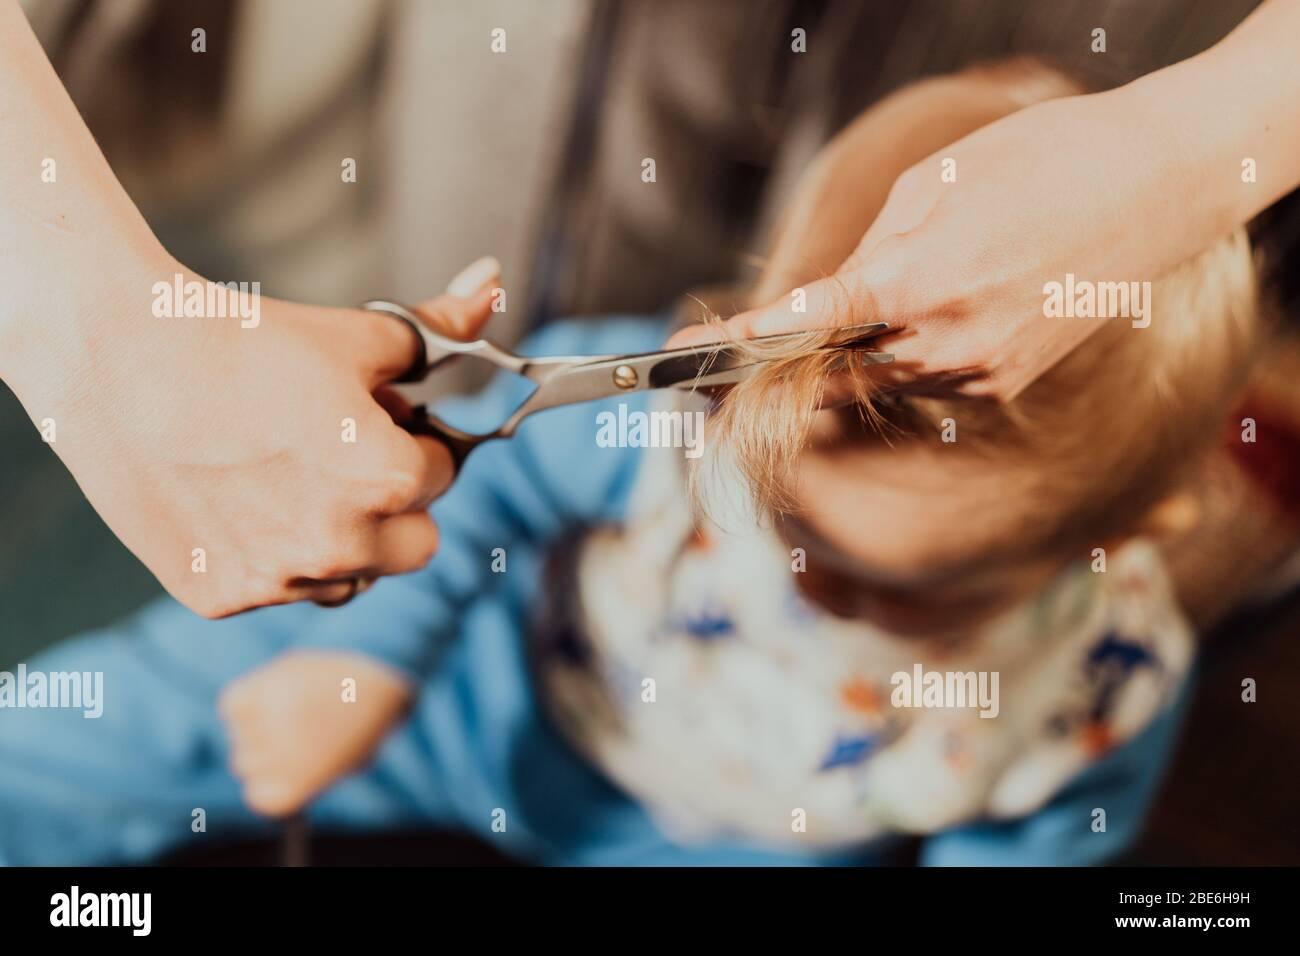 Primer corte de pelo de niño pequeño en casa por los padres. Retrato en blanco y negro. Foto de stock